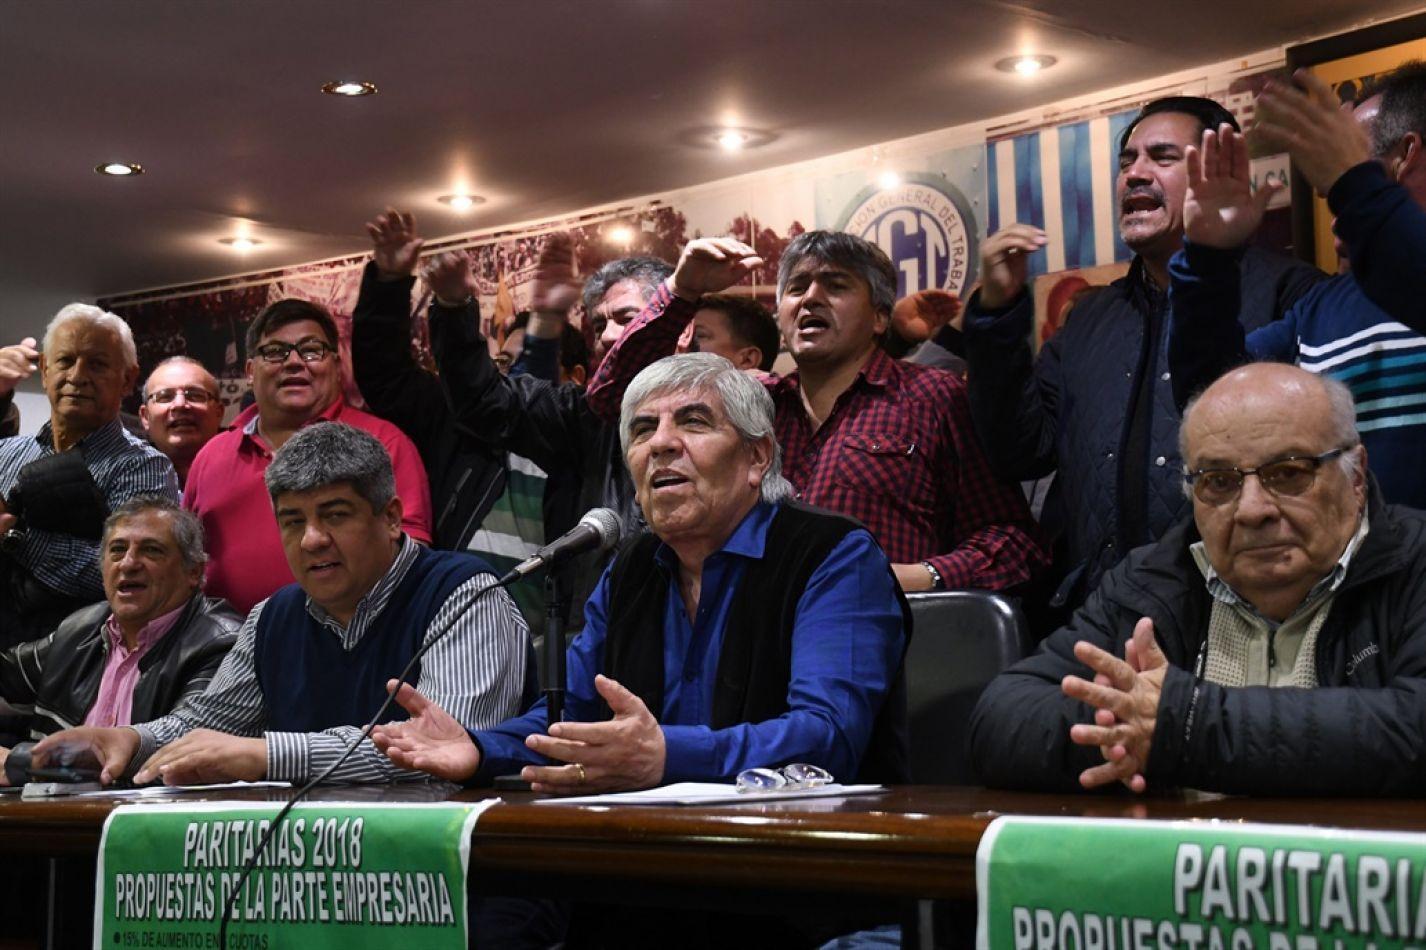 Camioneros no hará huelga el martes y miércoles, aunque adherirá a la medida del lunes que convocó la CGT